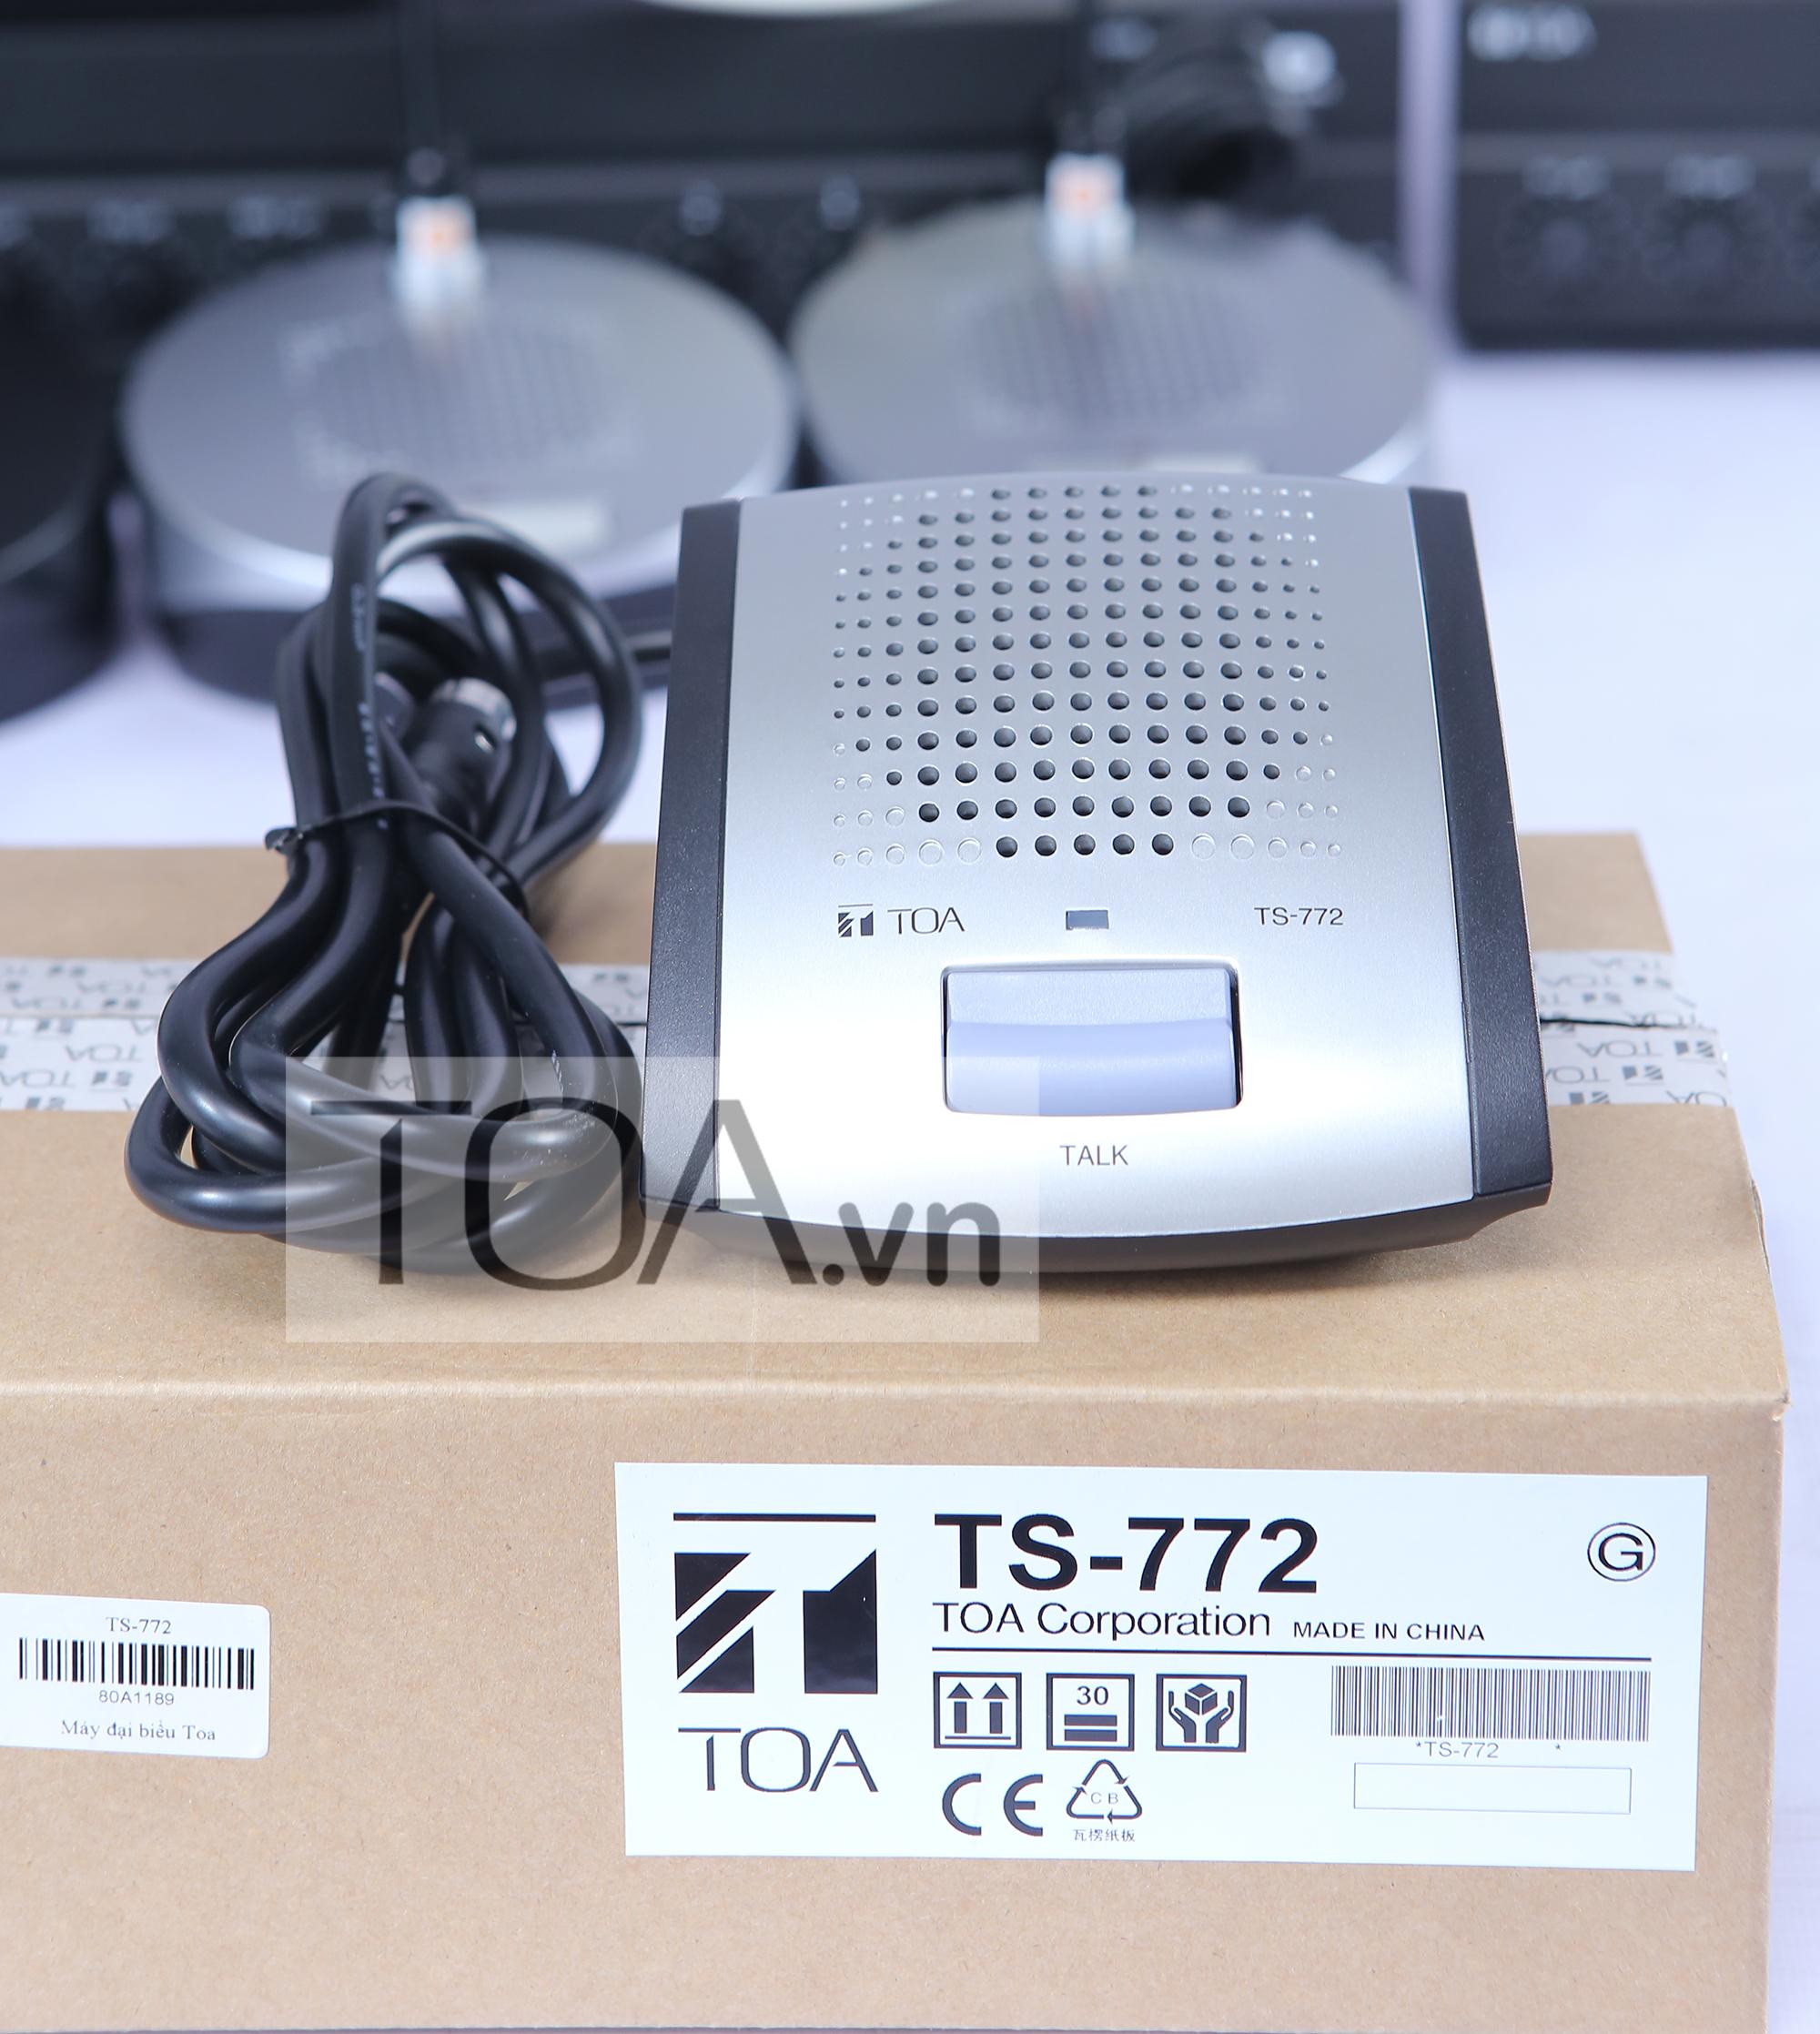 MICRO ĐẠI BIỂU TOA TS-772